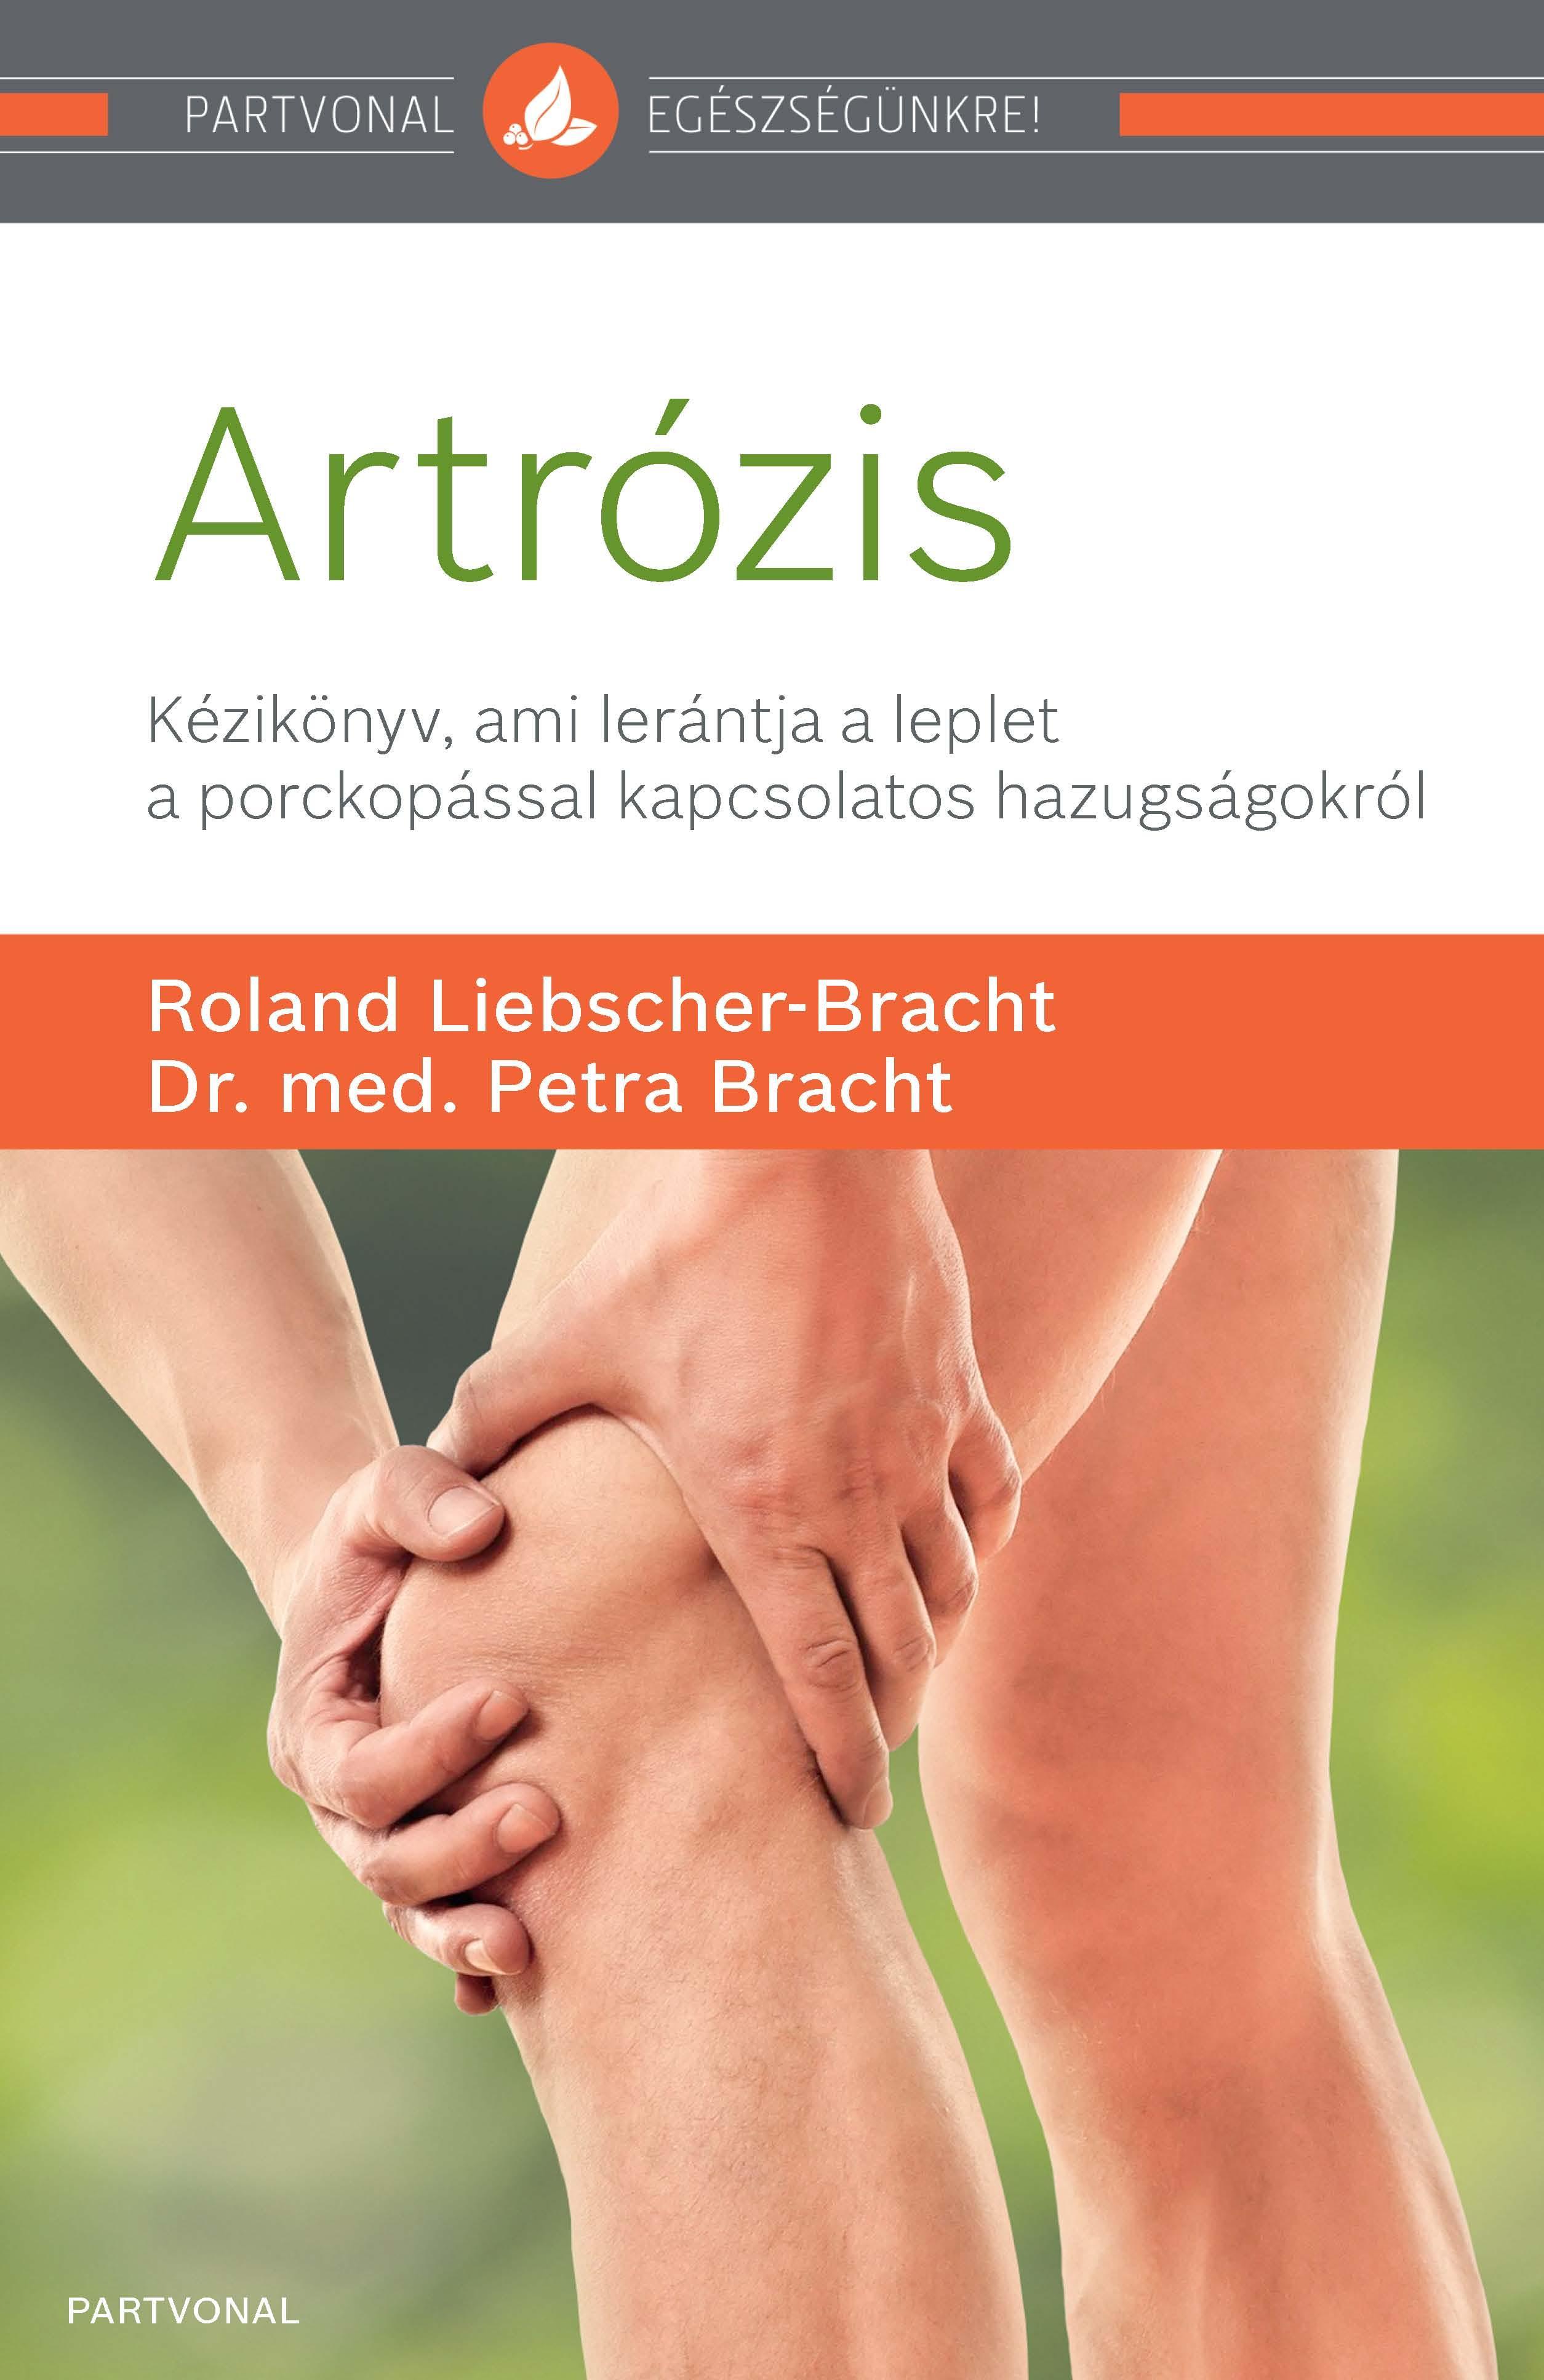 artrózisos kezelés dexametazonnal)